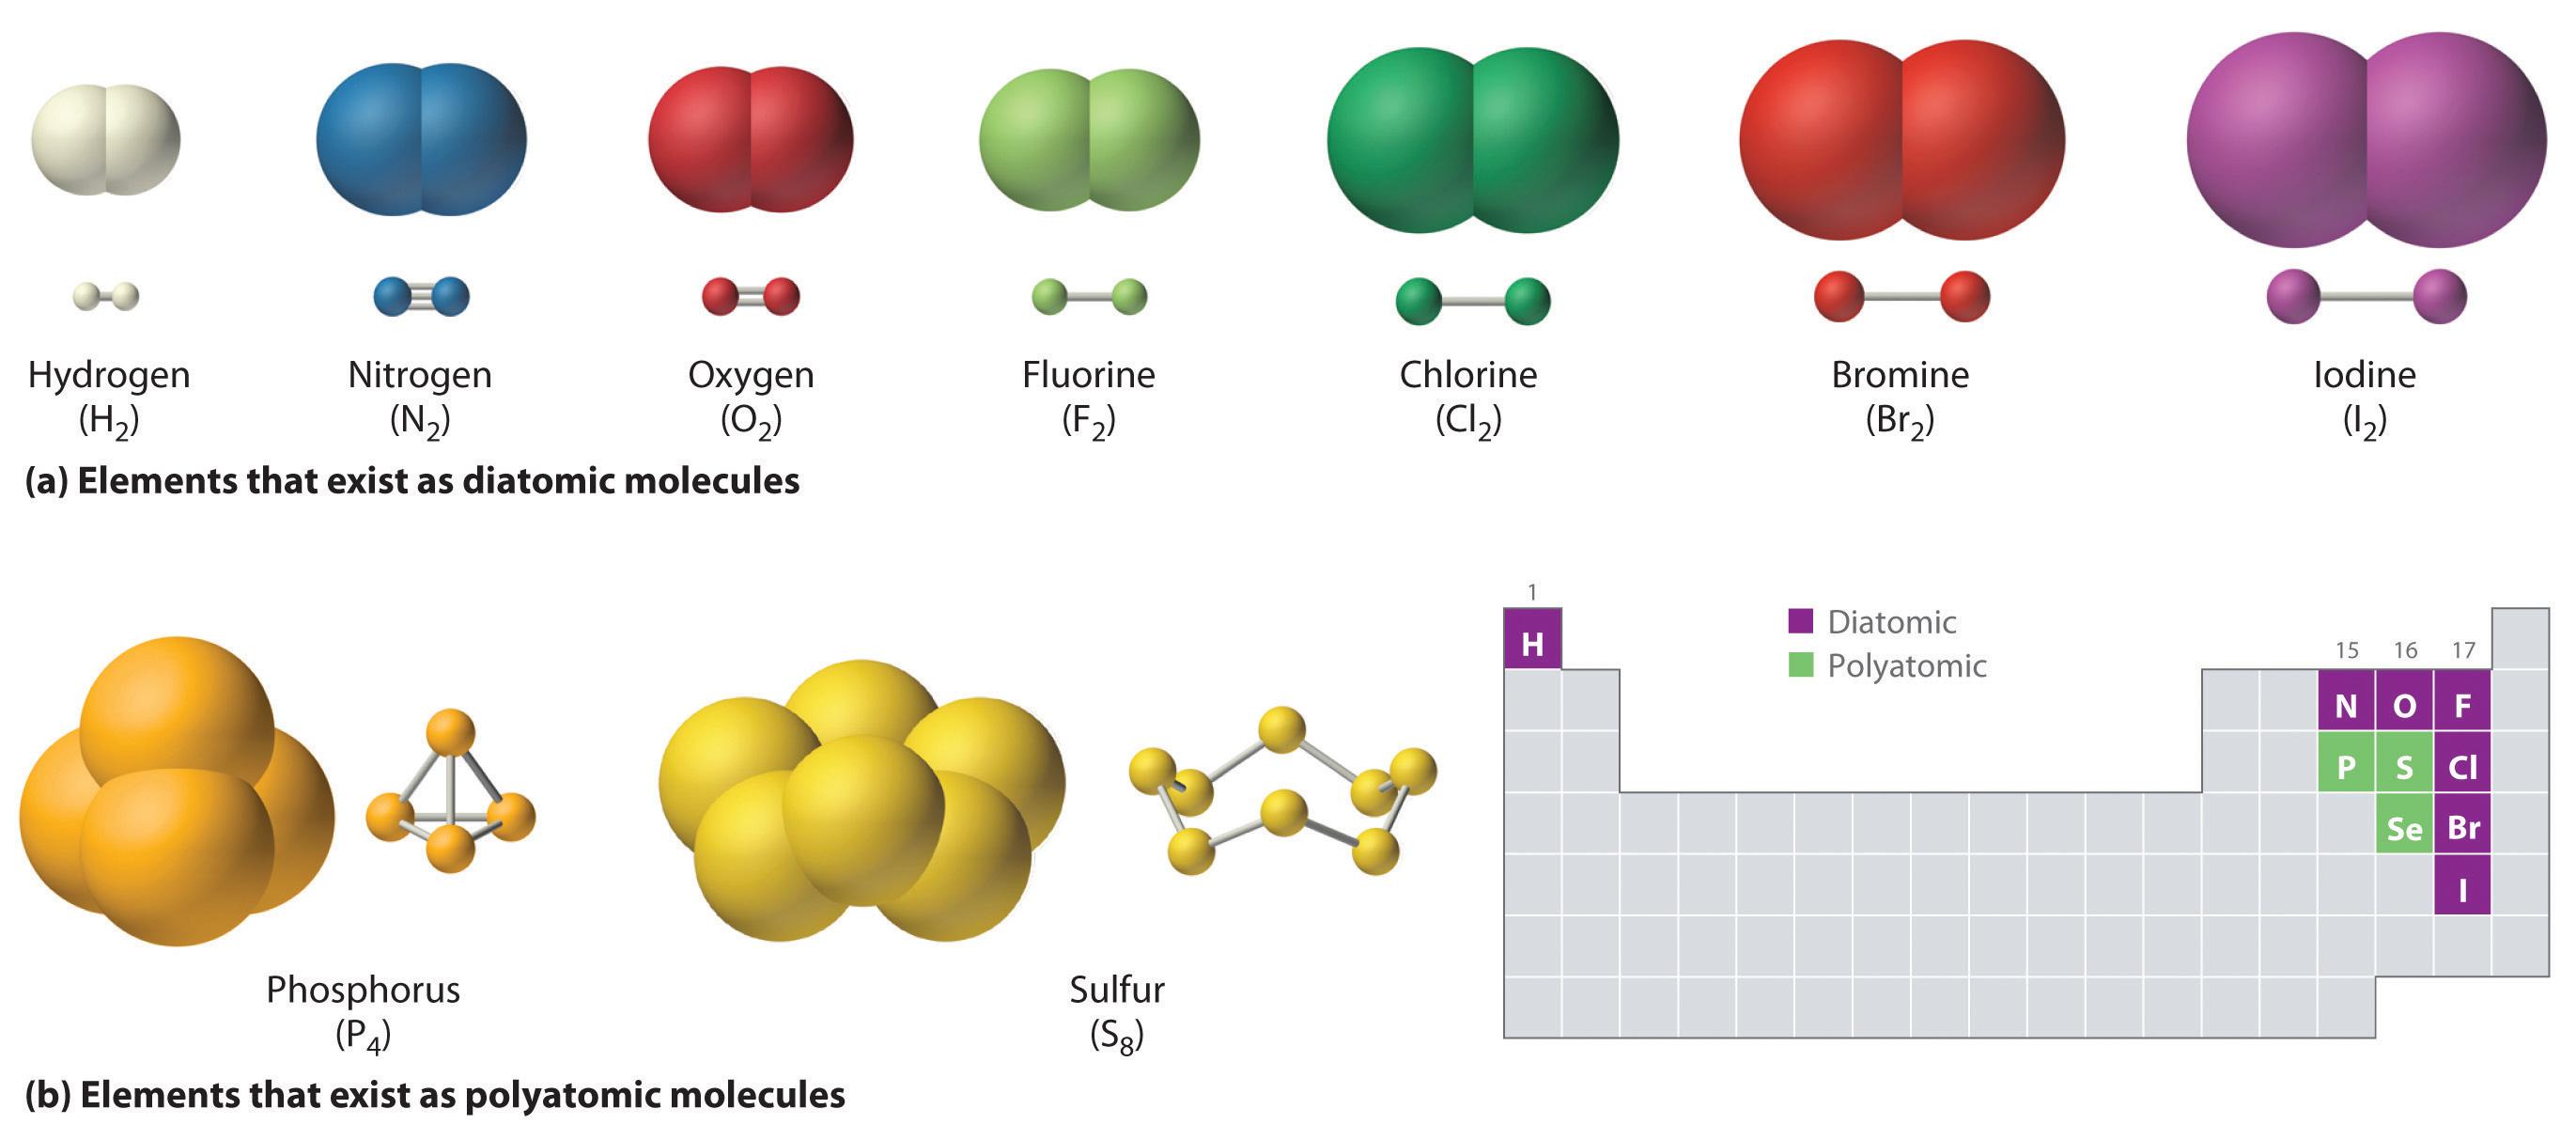 Judul Judul Tesis Pendidikan Kimia Daftar Judul Skripsi Pendidikan Kimia Kimia Pendidikan Review Ebooks 674 X 495 Jpeg 83kb Kimia Berbagi